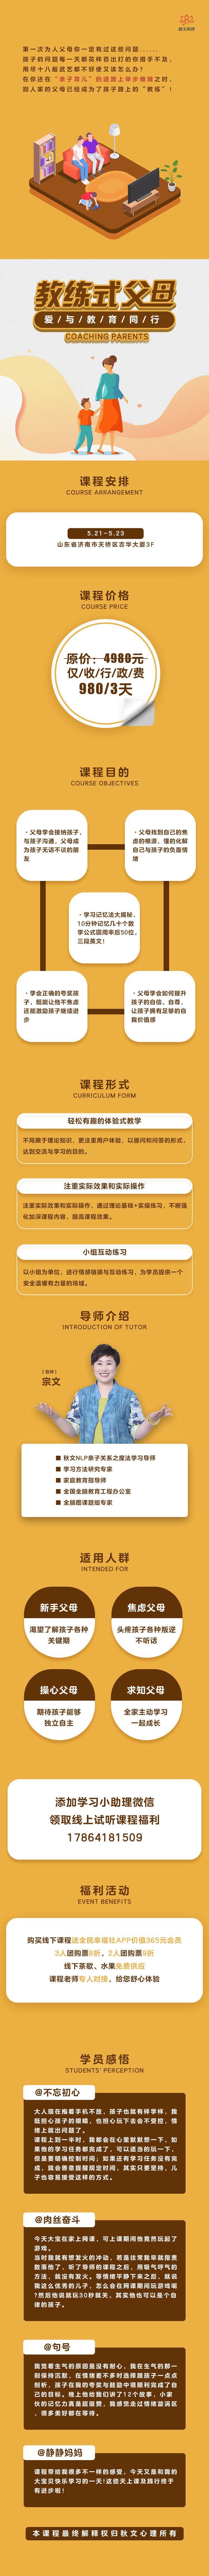 5.21济南教练式父母2.png